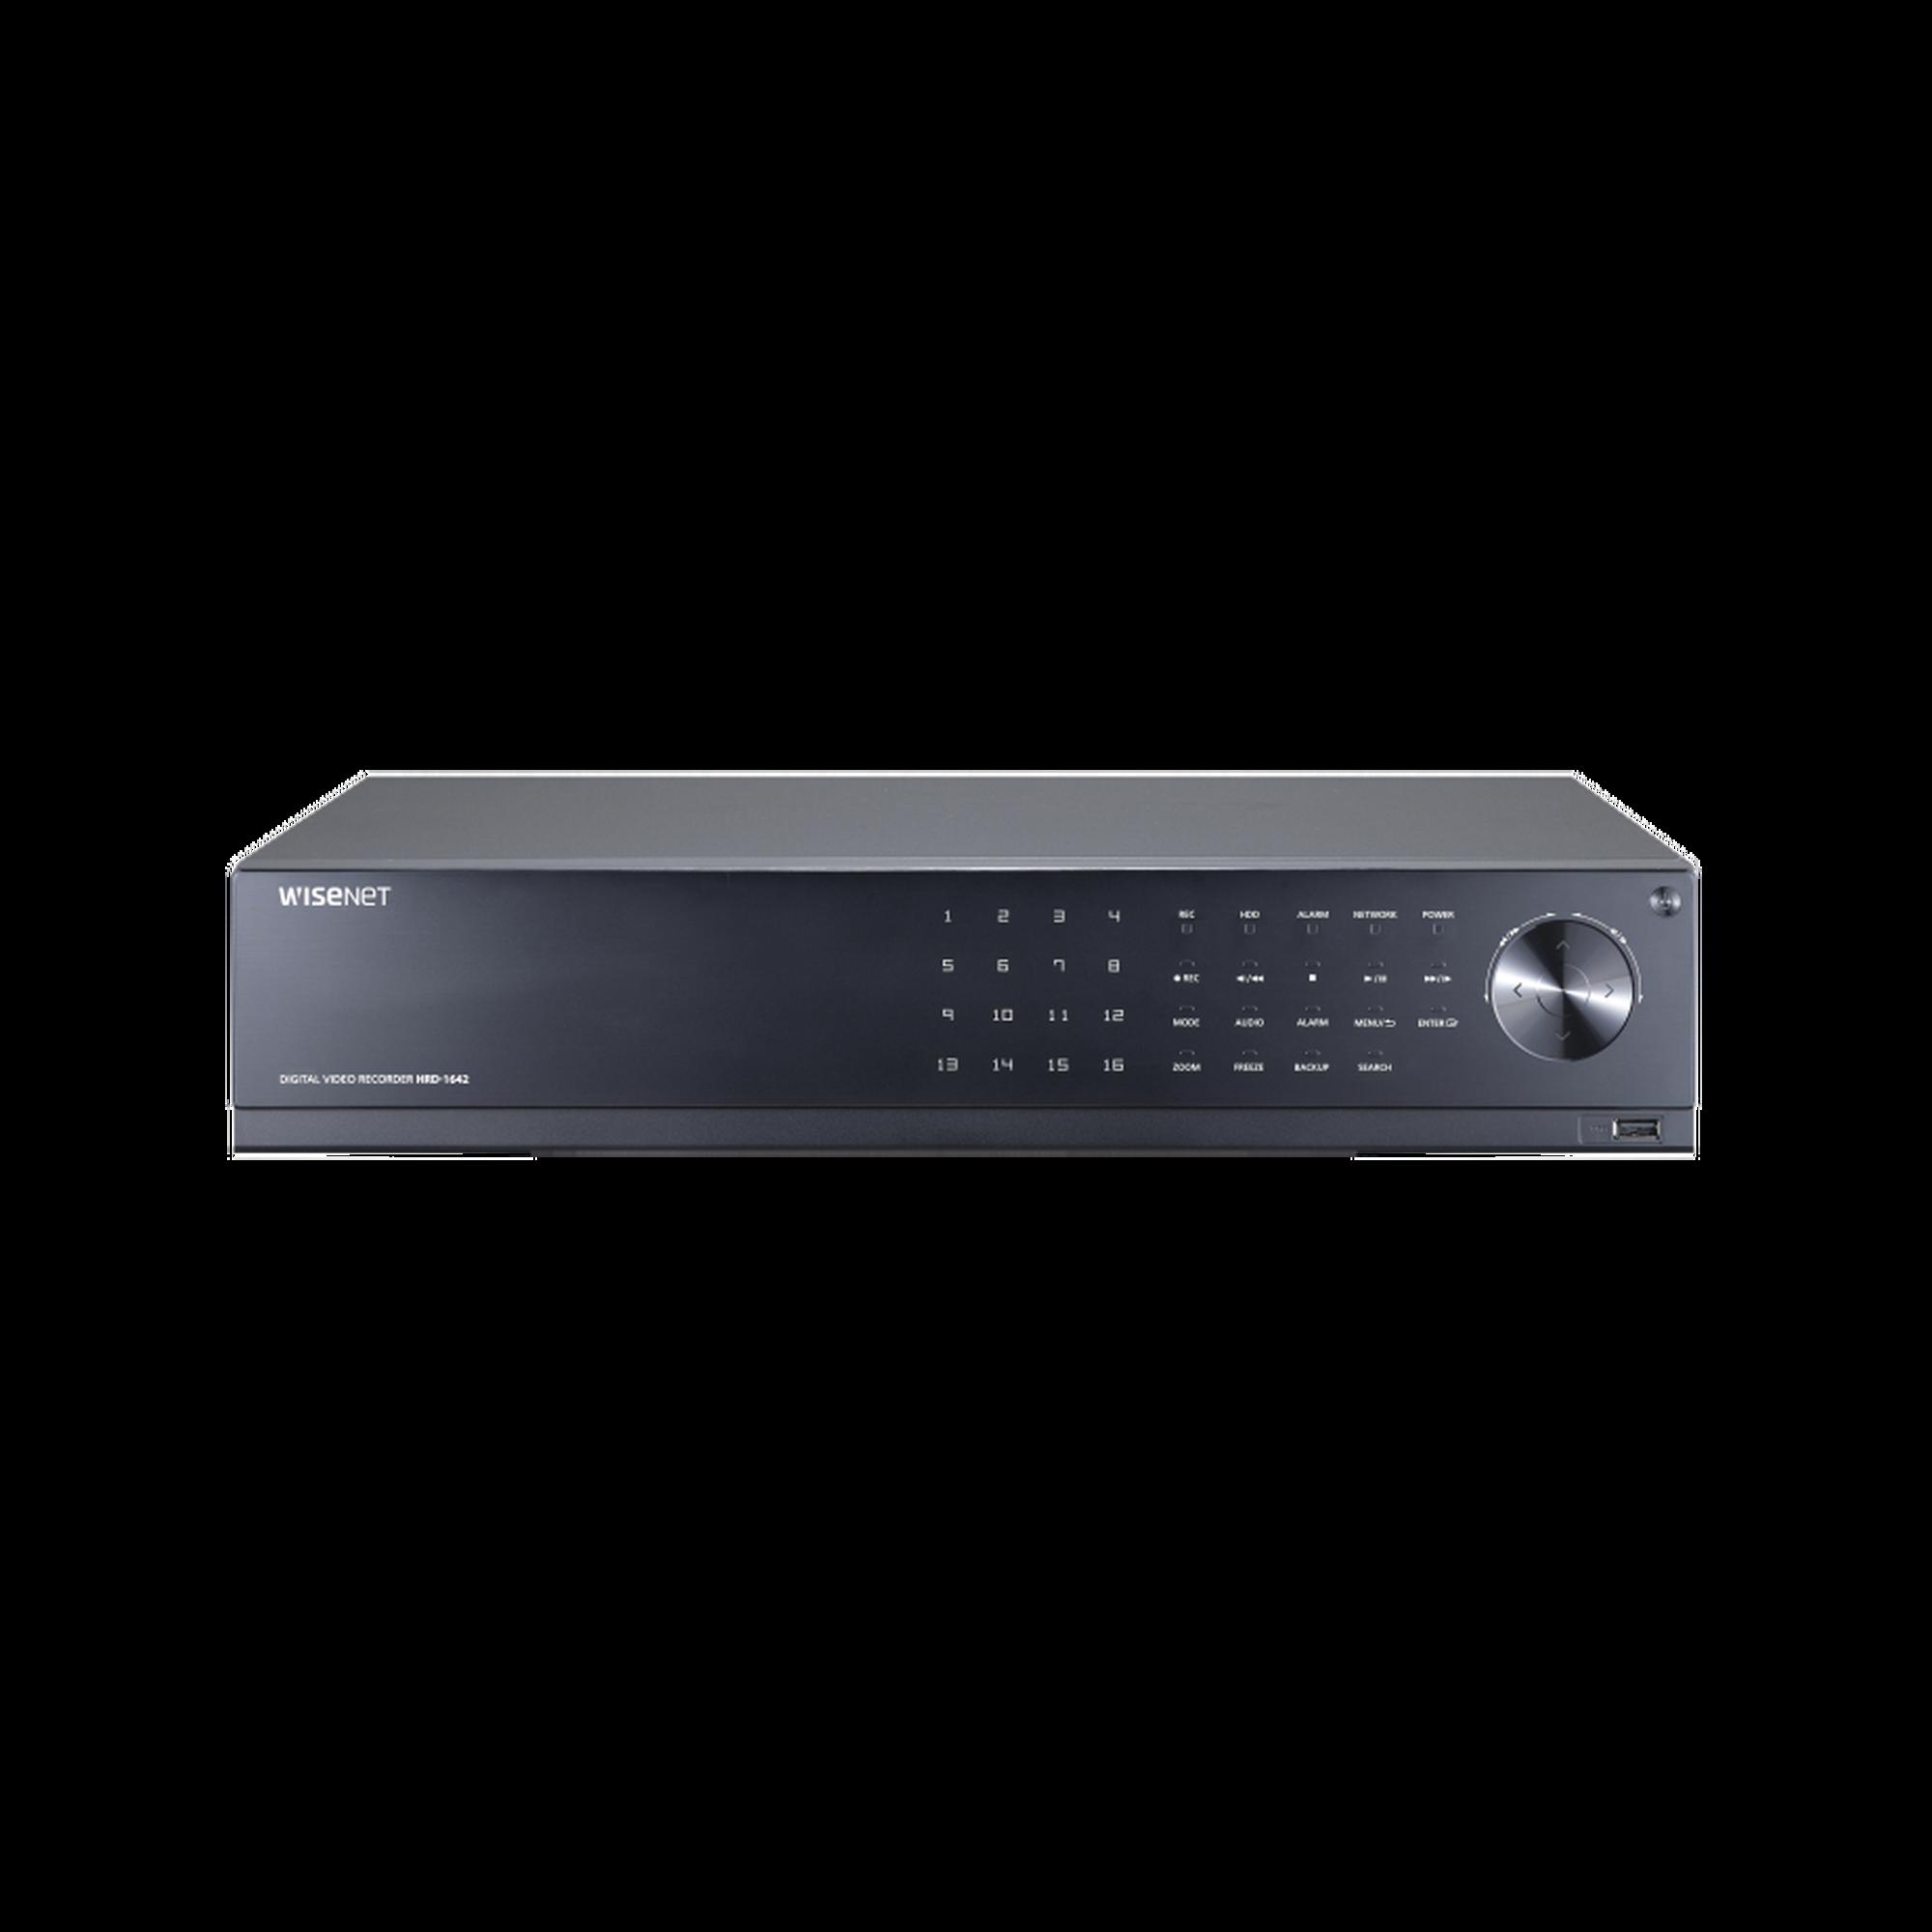 DVR 16 Canales hasta 4 Megapixel / Soporta 4 Tecnologías (AHD, TVI, CVI, CVBS) / Hasta 8 HDDs / Entradas y Salidas de Audio y Alarma